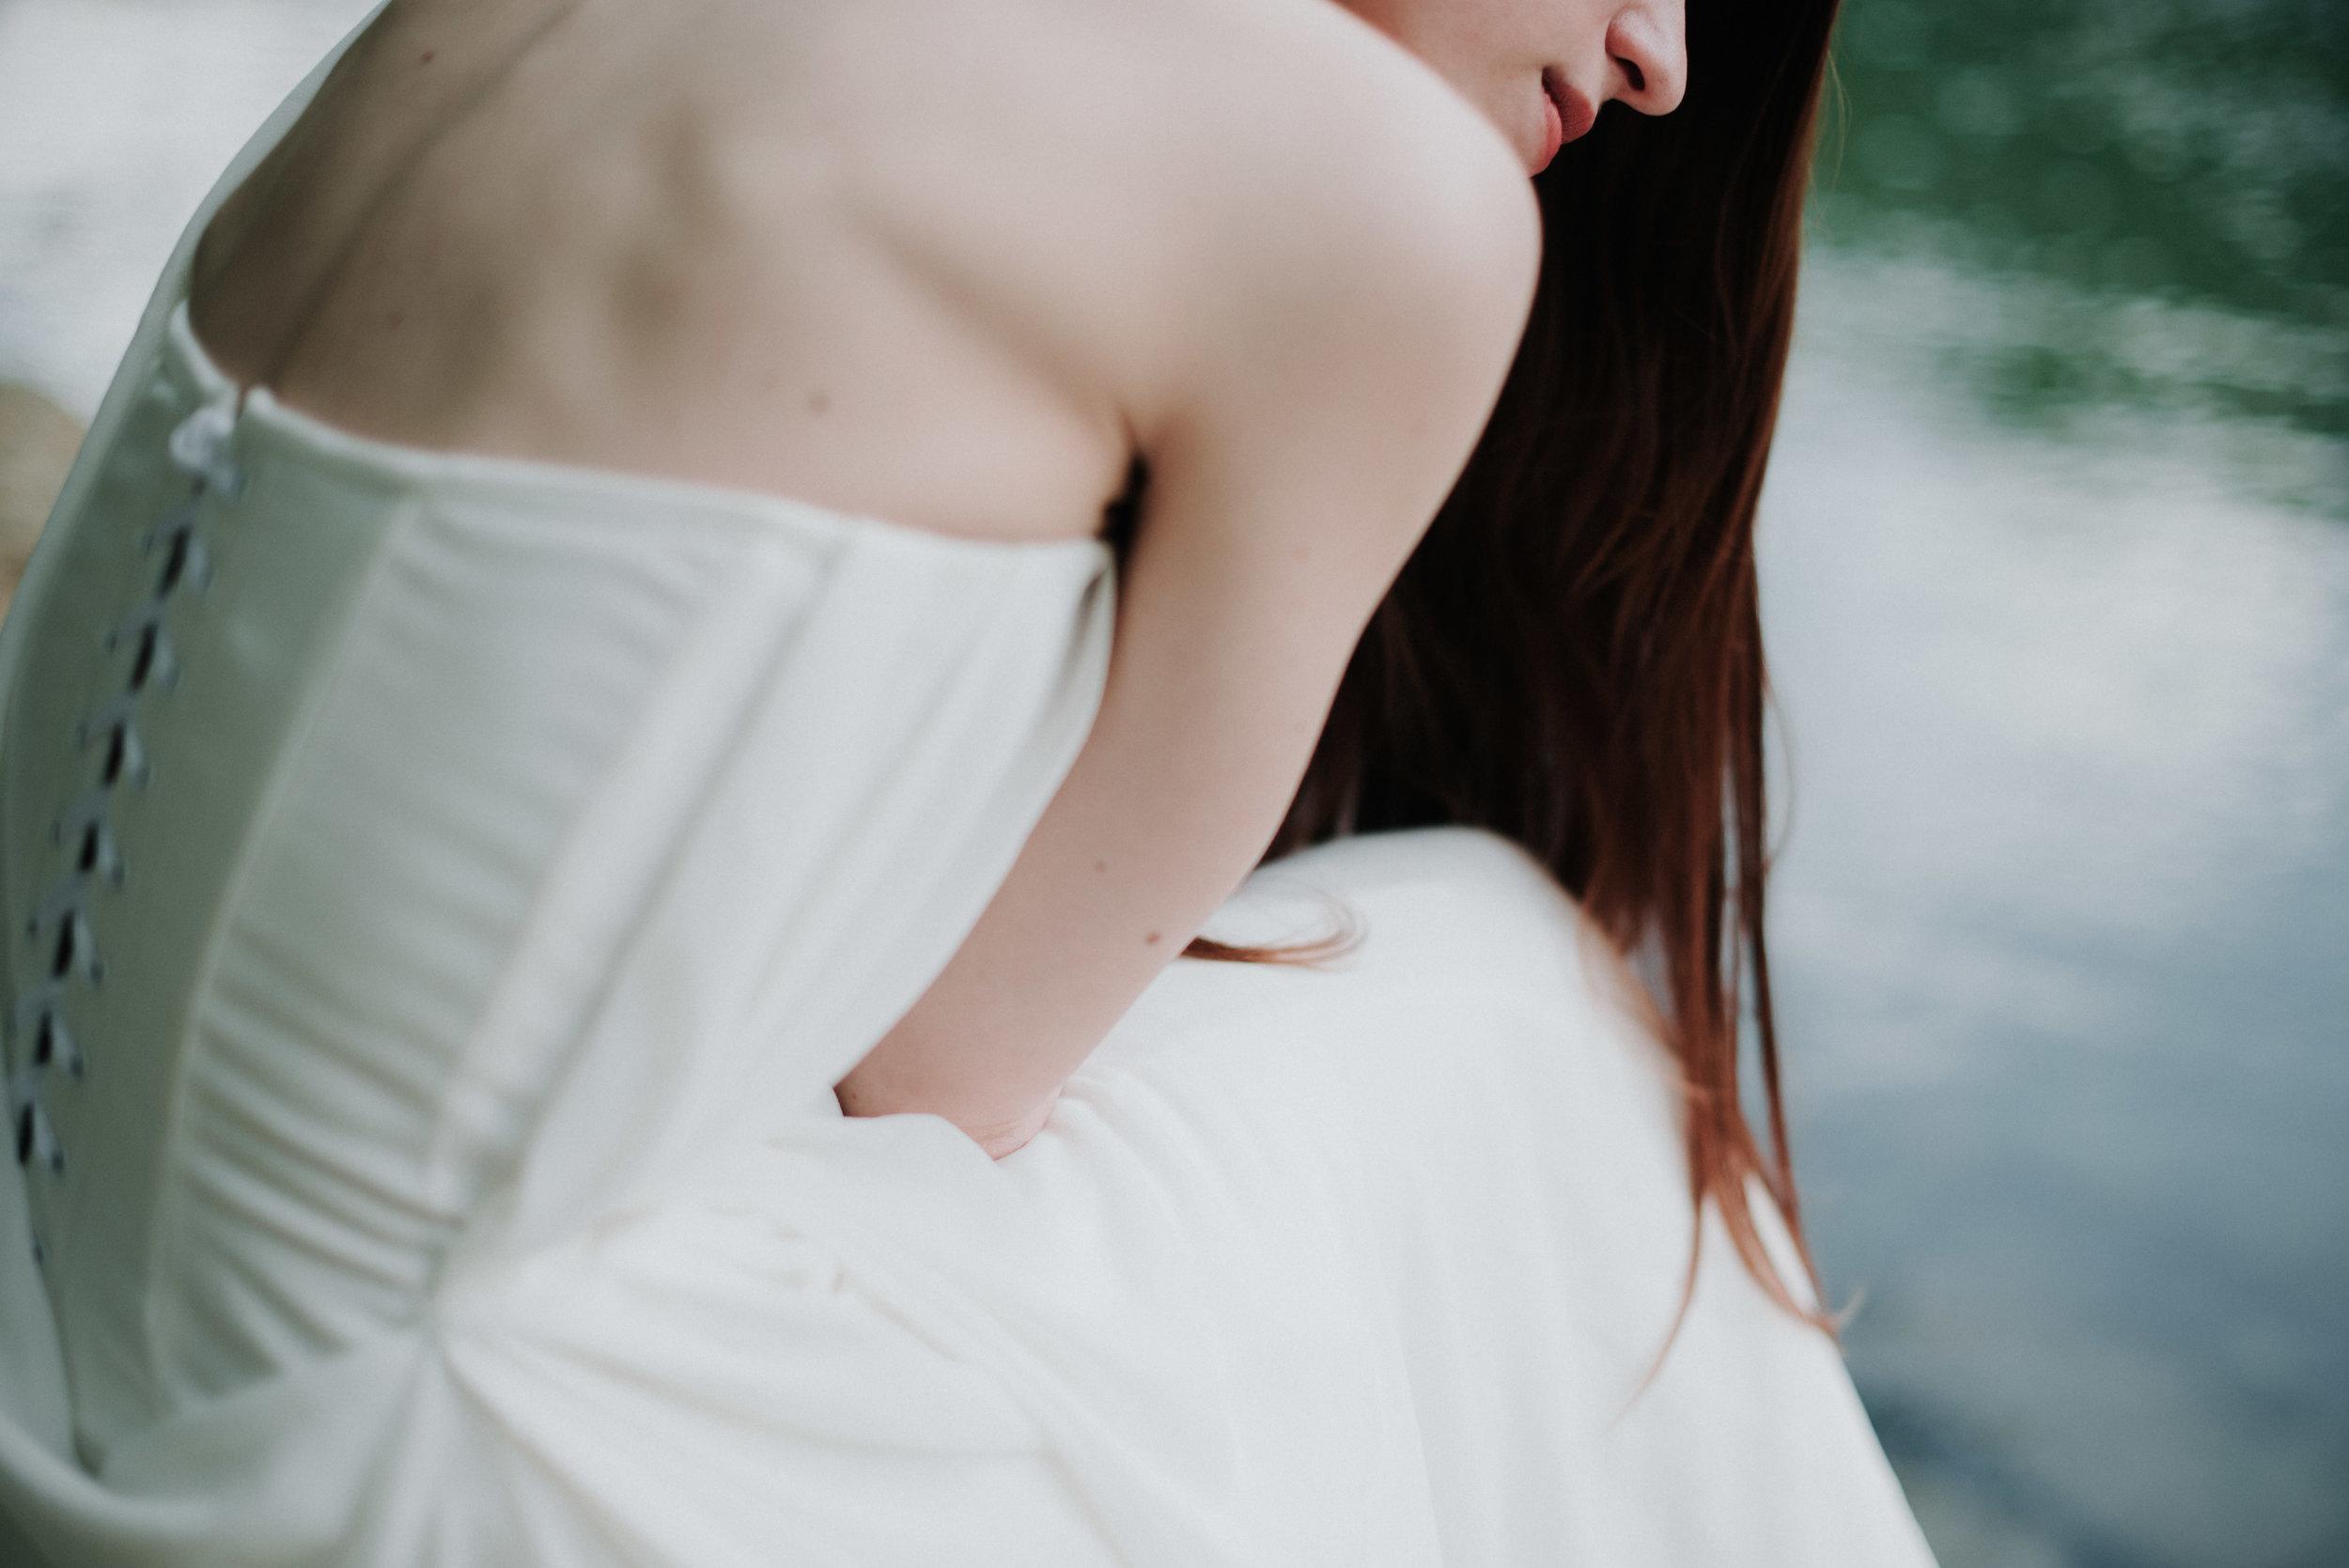 Léa-Fery-photographe-professionnel-lyon-rhone-alpes-portrait-creation-mariage-evenement-evenementiel-famille-8624.jpg